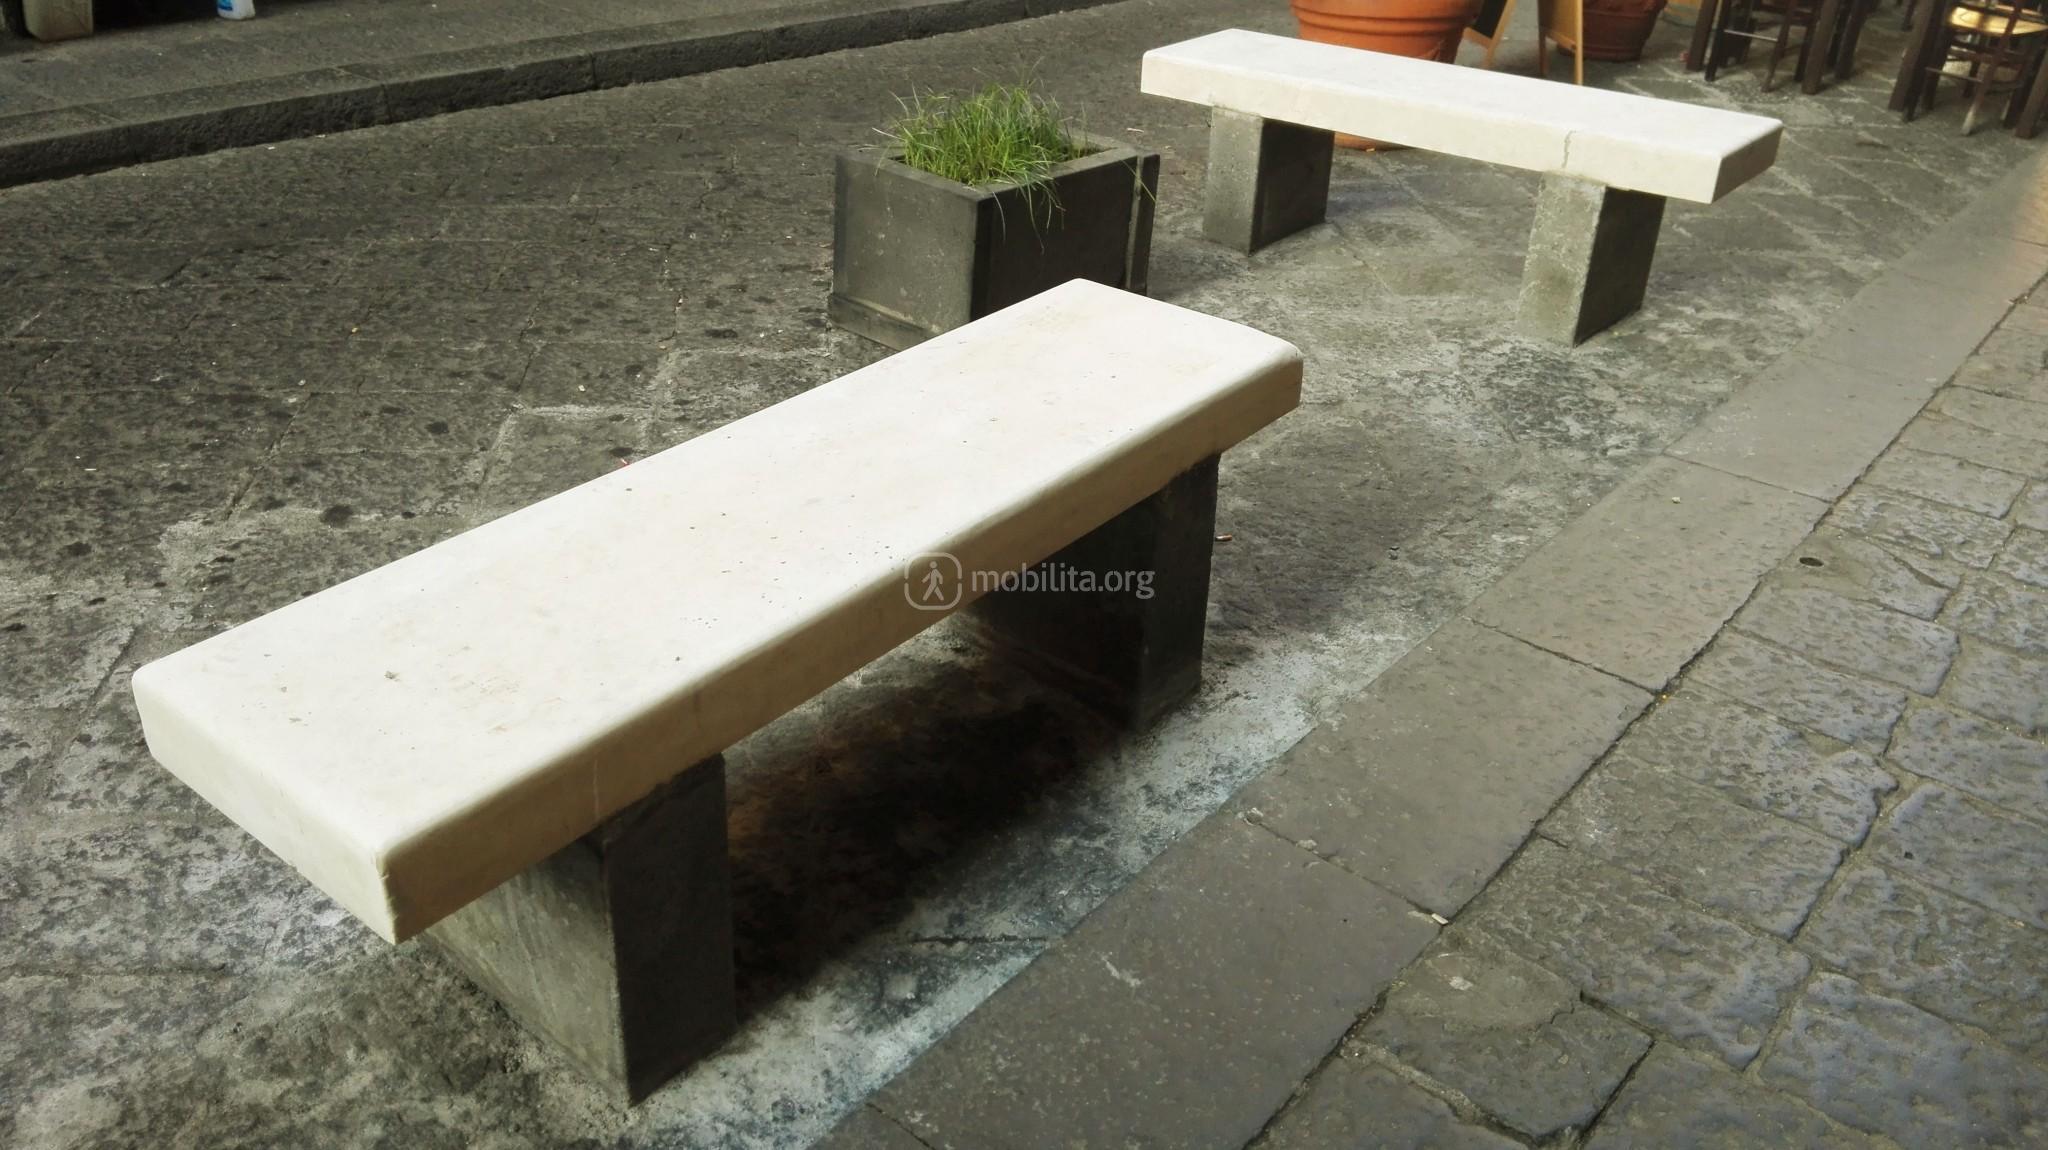 Foto nuovo arredo urbano in via pacini in attesa del for Arredo in via cavaliere catania